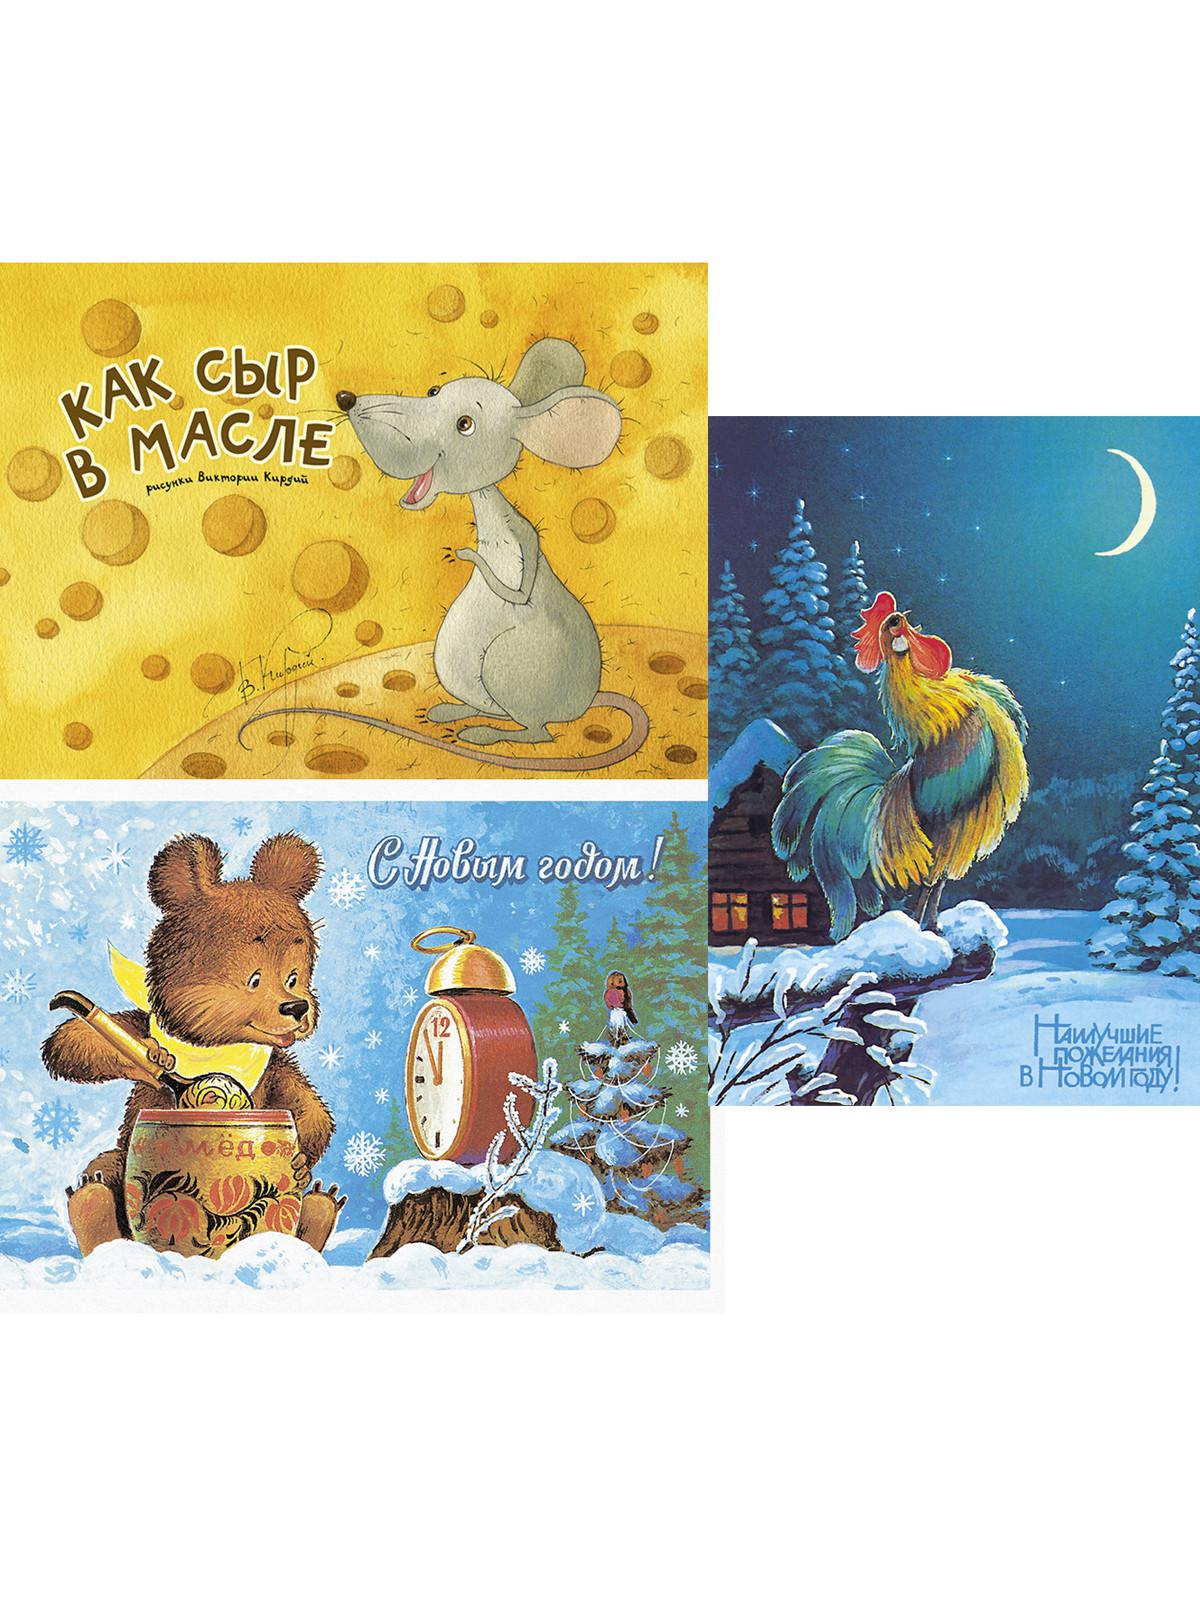 Комплект из 3-х наборов открыток (26 открыток): Как сыр в масле. Наилучшие пожелания в Новом году! С Новым годом (Медвежонок с бочонком)! (количество томов: 3)